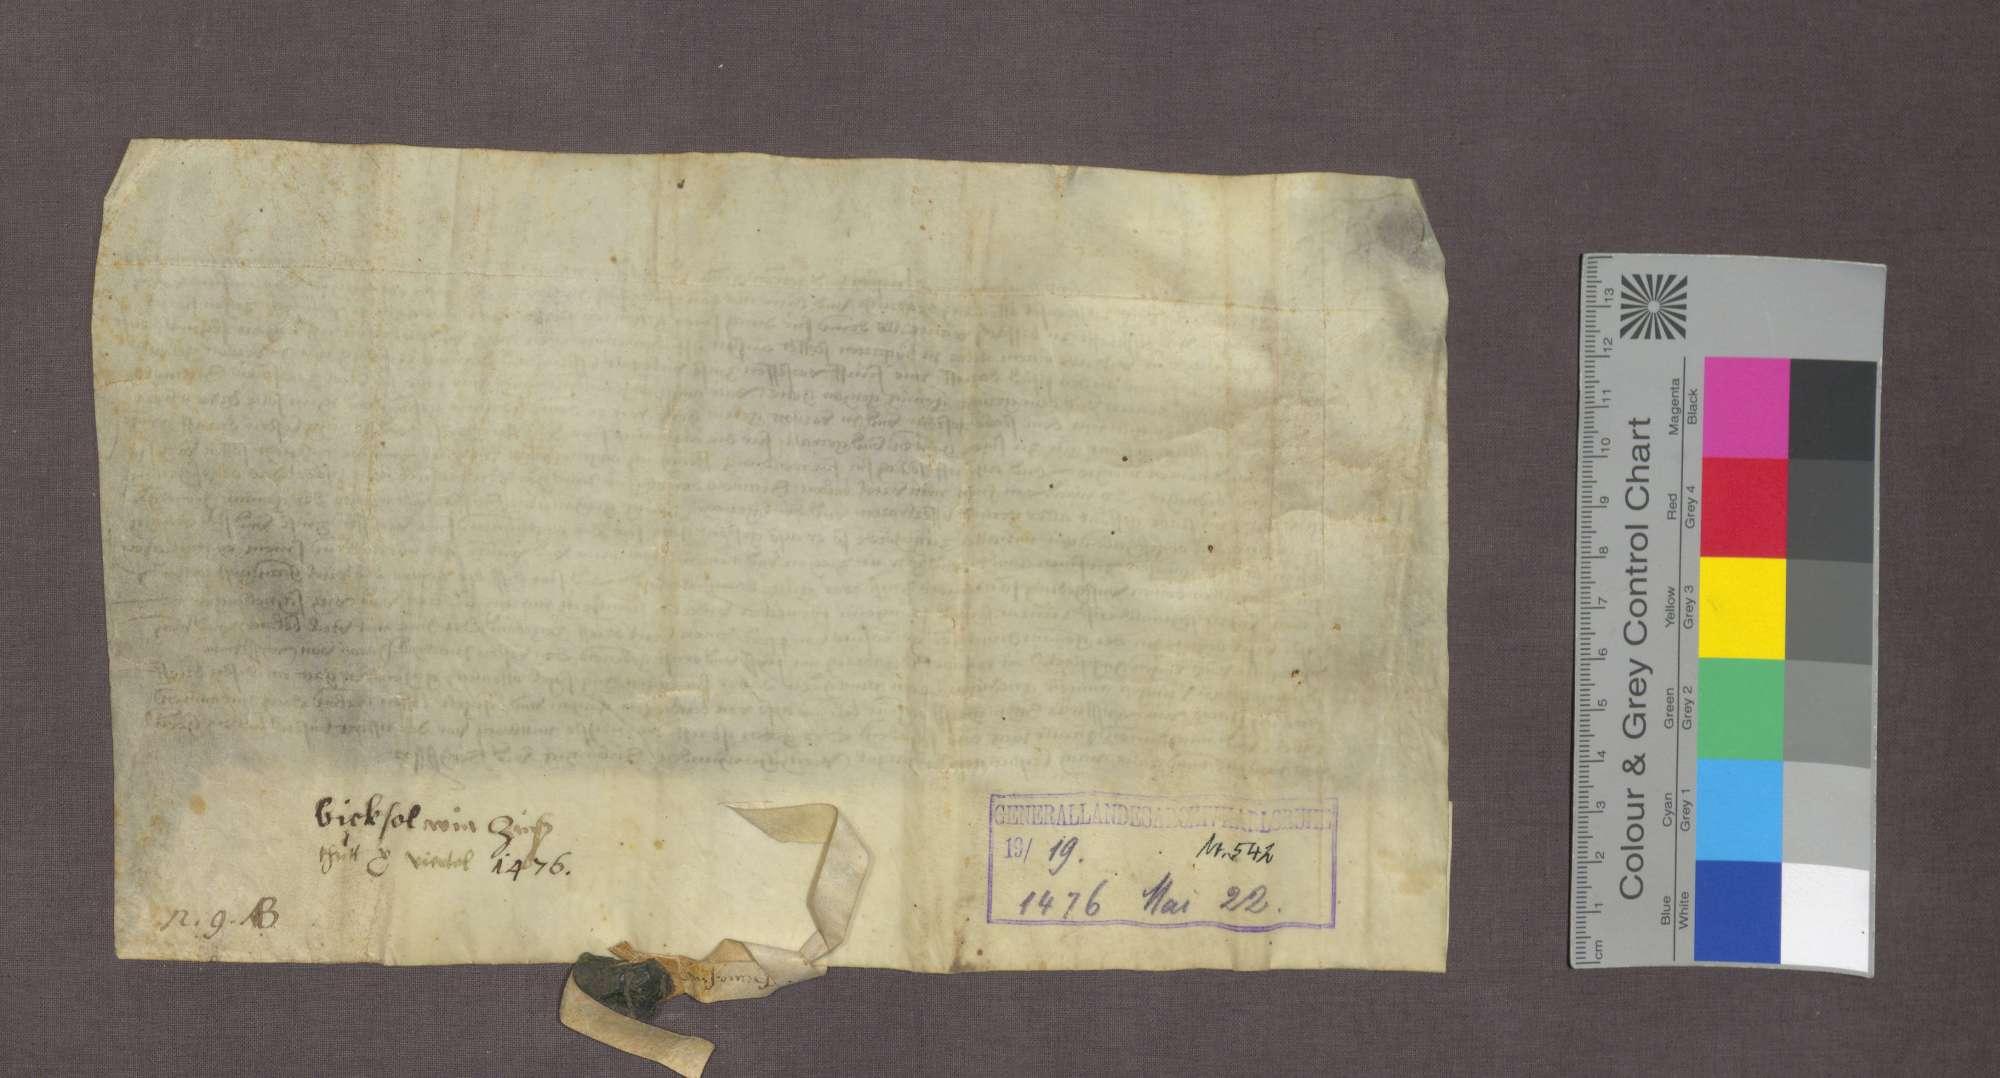 Das Gericht zu Bickensohl spricht dem Gervasius von Pforr in Breisach Güter in Bickensohl wegen rückständiger Weinzinse zu., Bild 2